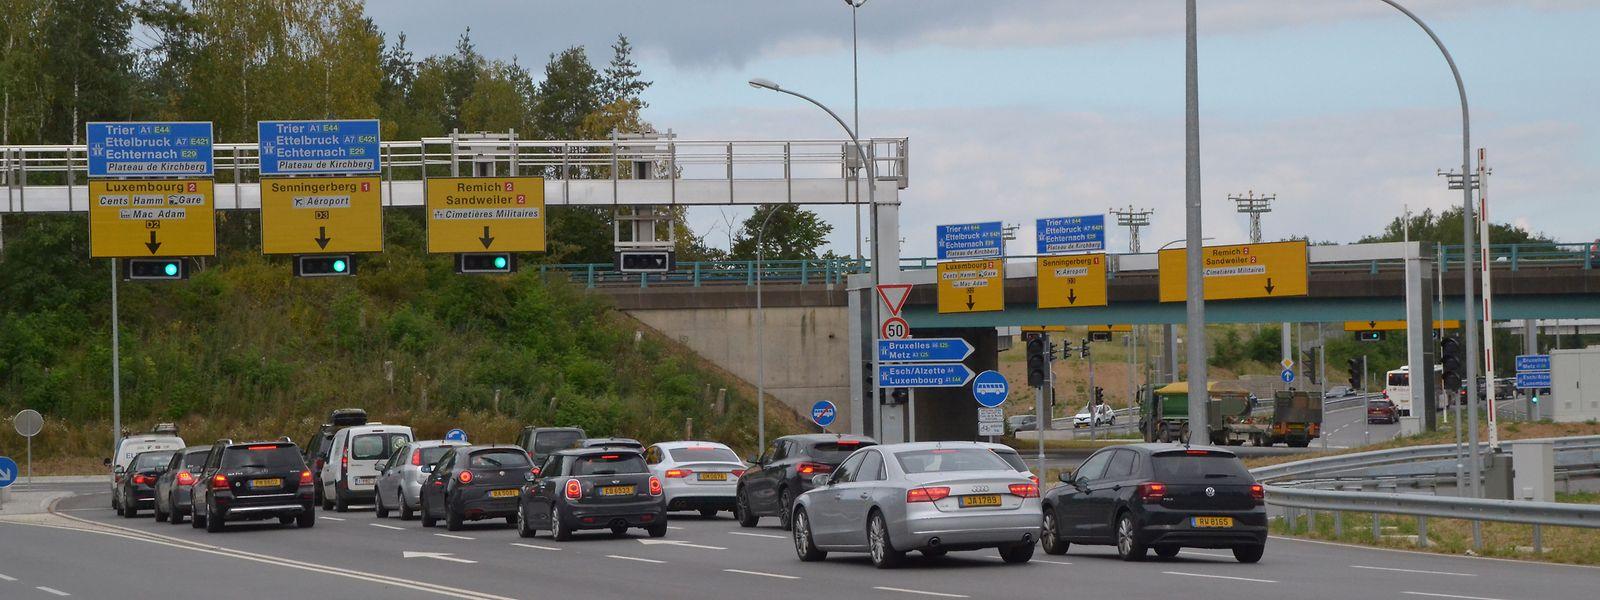 Bereits vor der Einfahrt in den Turbokreisel müssen die Verkehrsteilnehmer nun entscheiden, in welche Richtung sie fahren wollen.